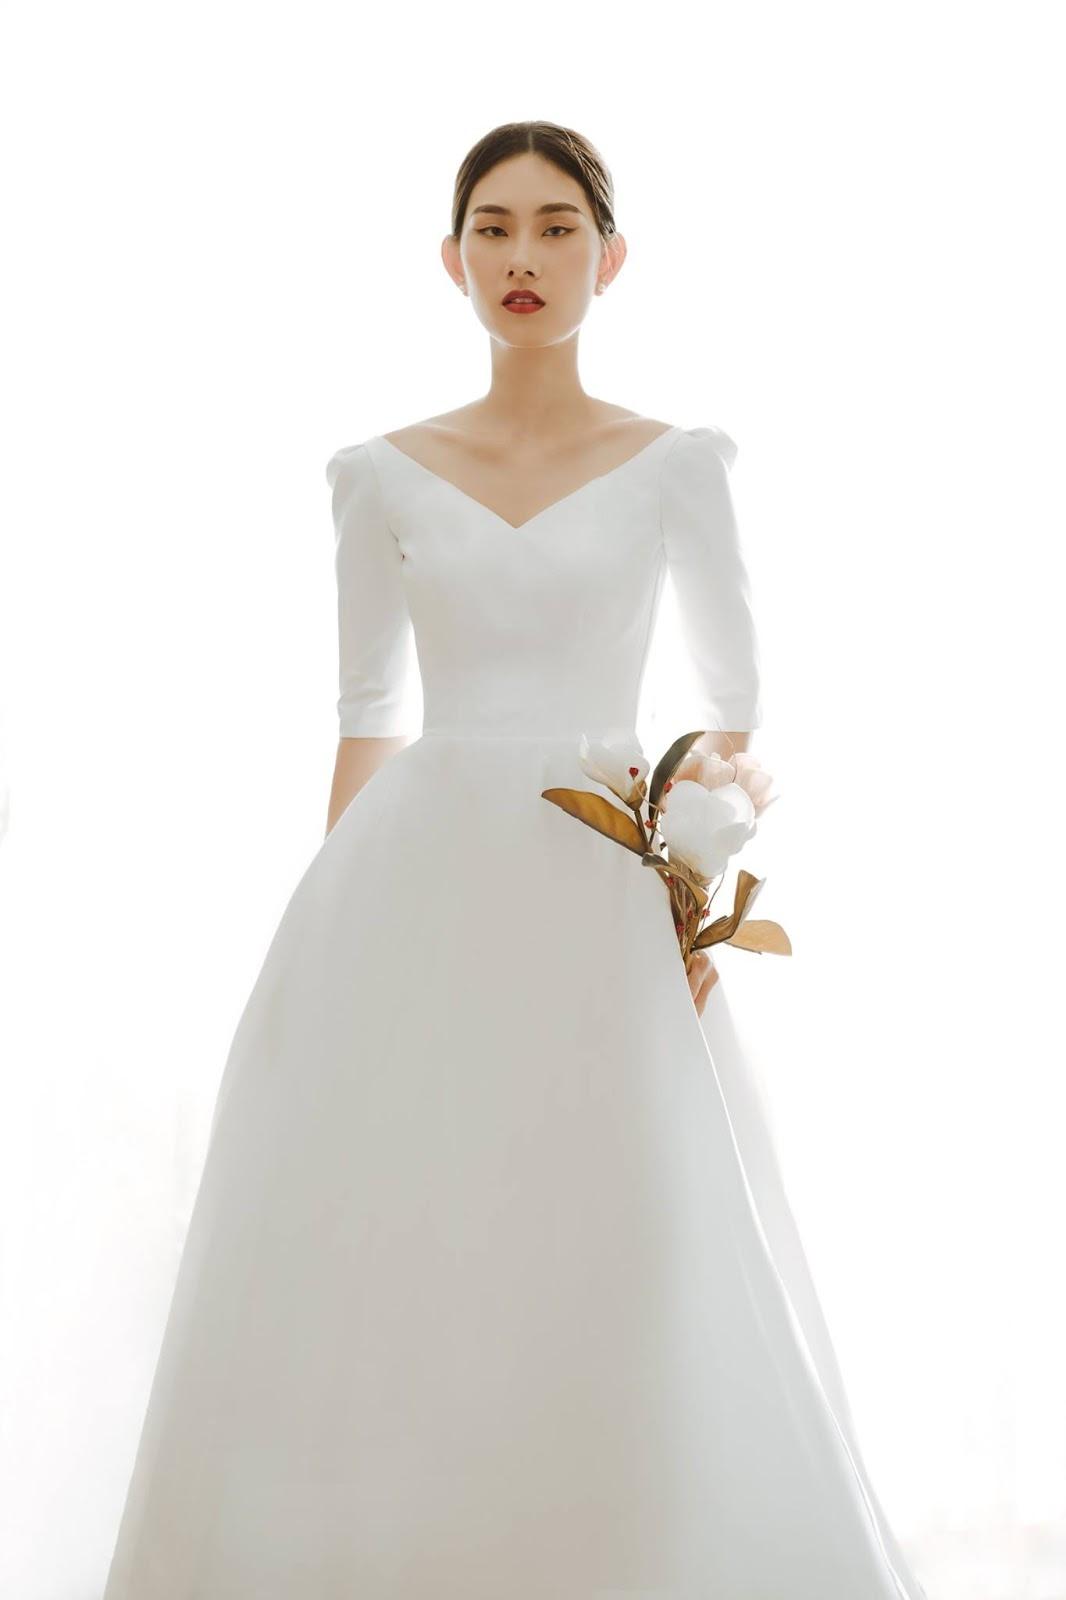 Giá thuê váy cưới ở Nha Trang là bao nhiêu? ,Váy cưới tối giản nhưng vẫn mang lại nét sang trọng và thanh lịch